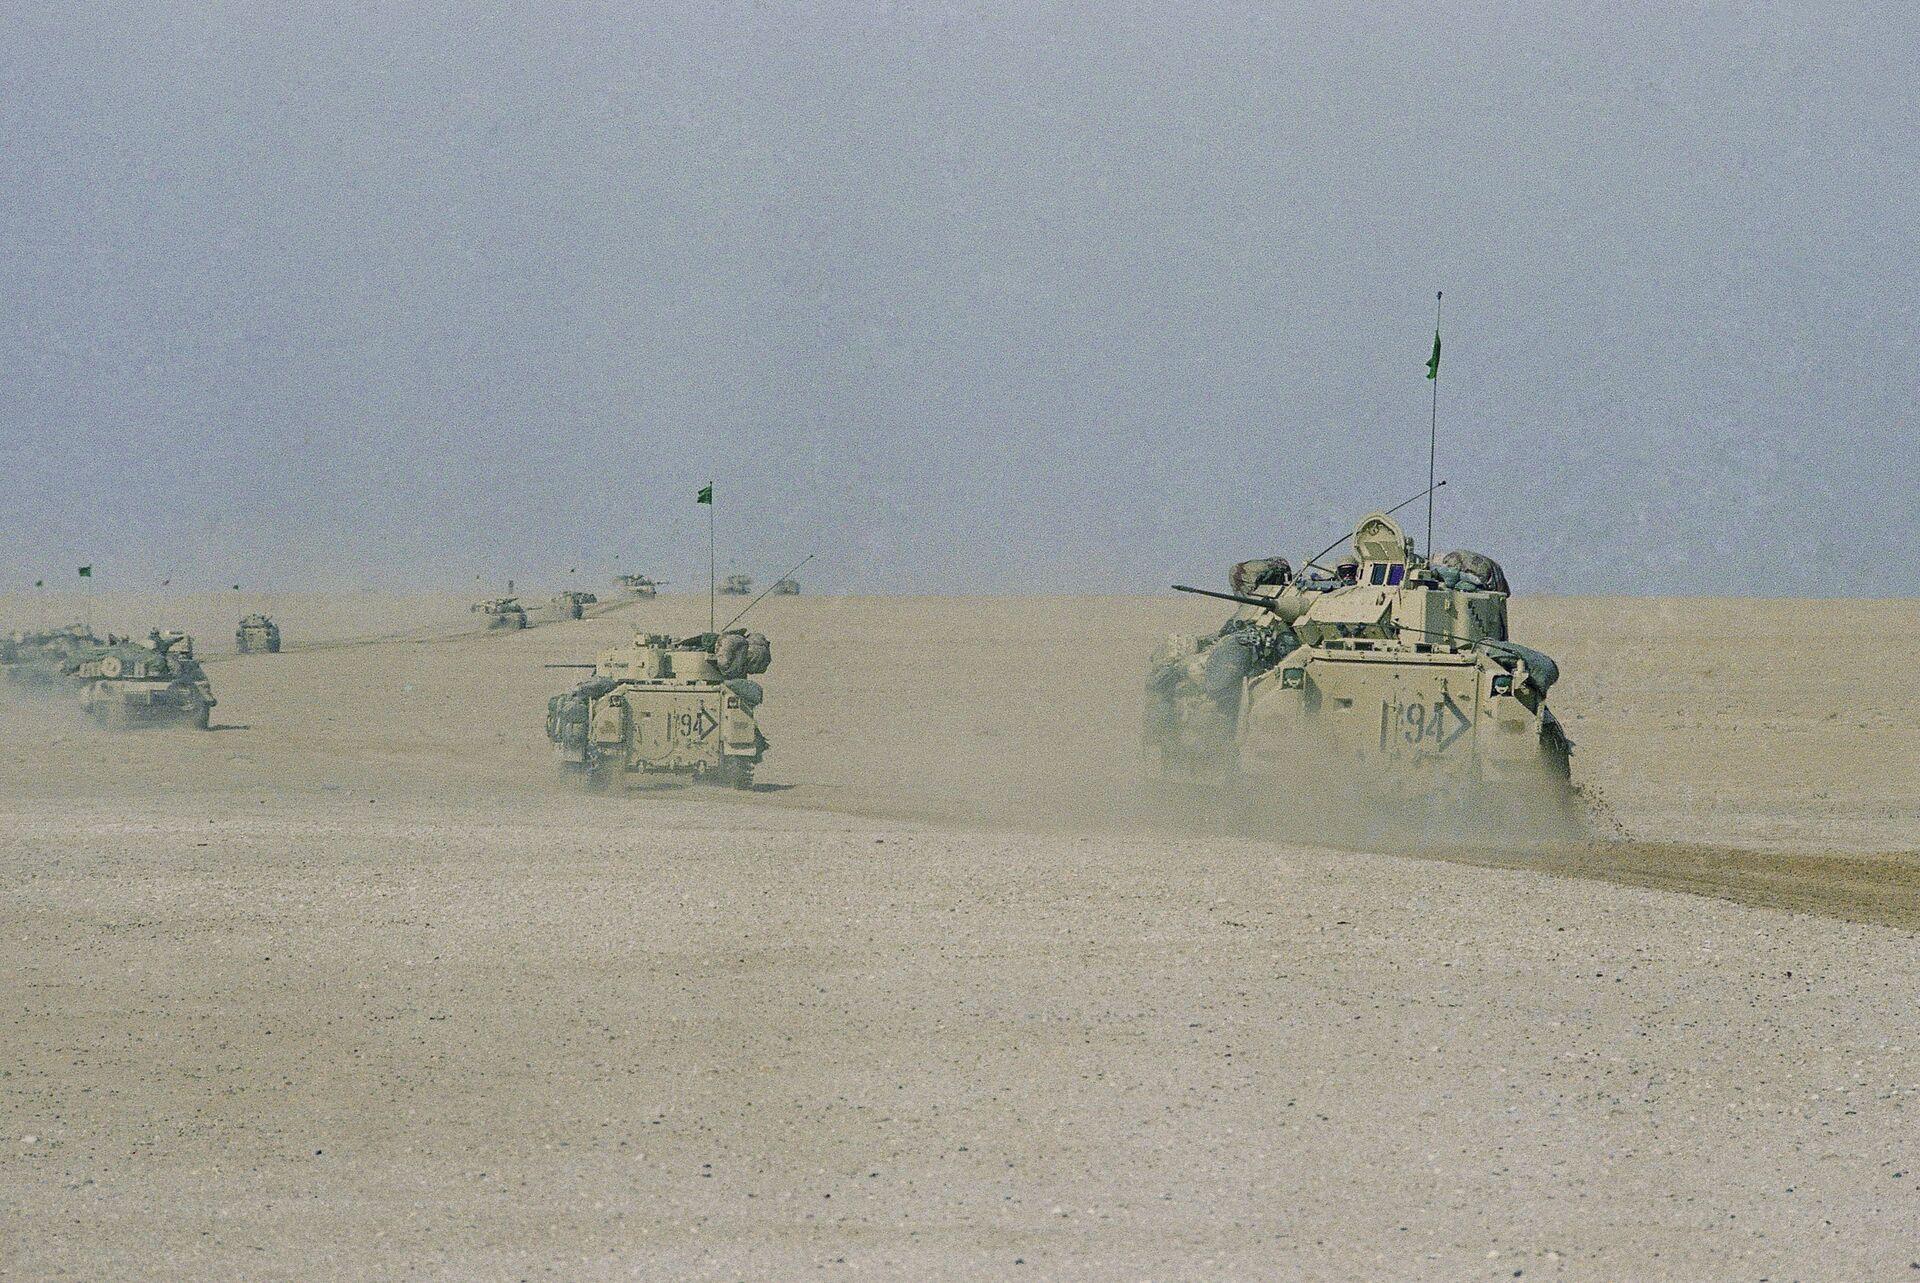 Гусеничные платформы Брэдли армии США во время операции Буря в пустыне. 18 января 1991  - РИА Новости, 1920, 19.02.2021